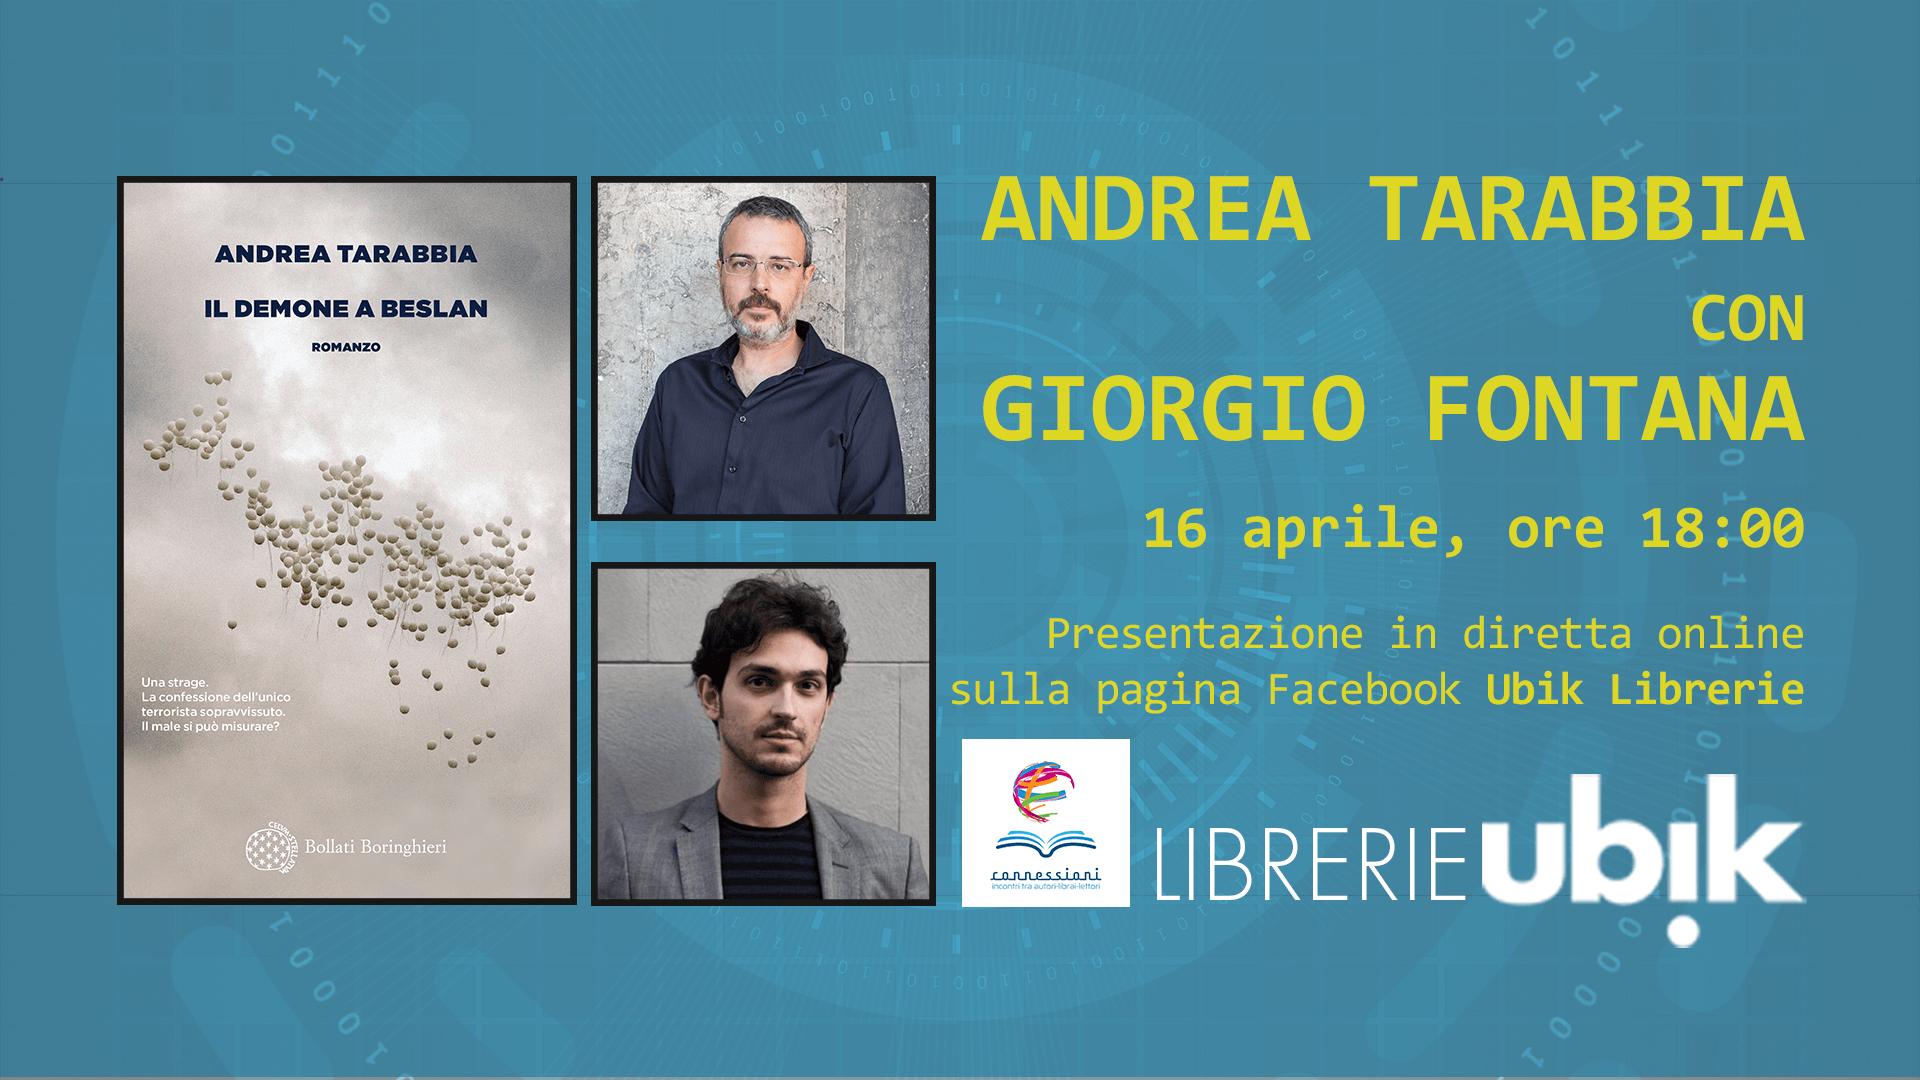 ANDREA TARABBIA con GIORGIO FONTANA presenta in diretta online